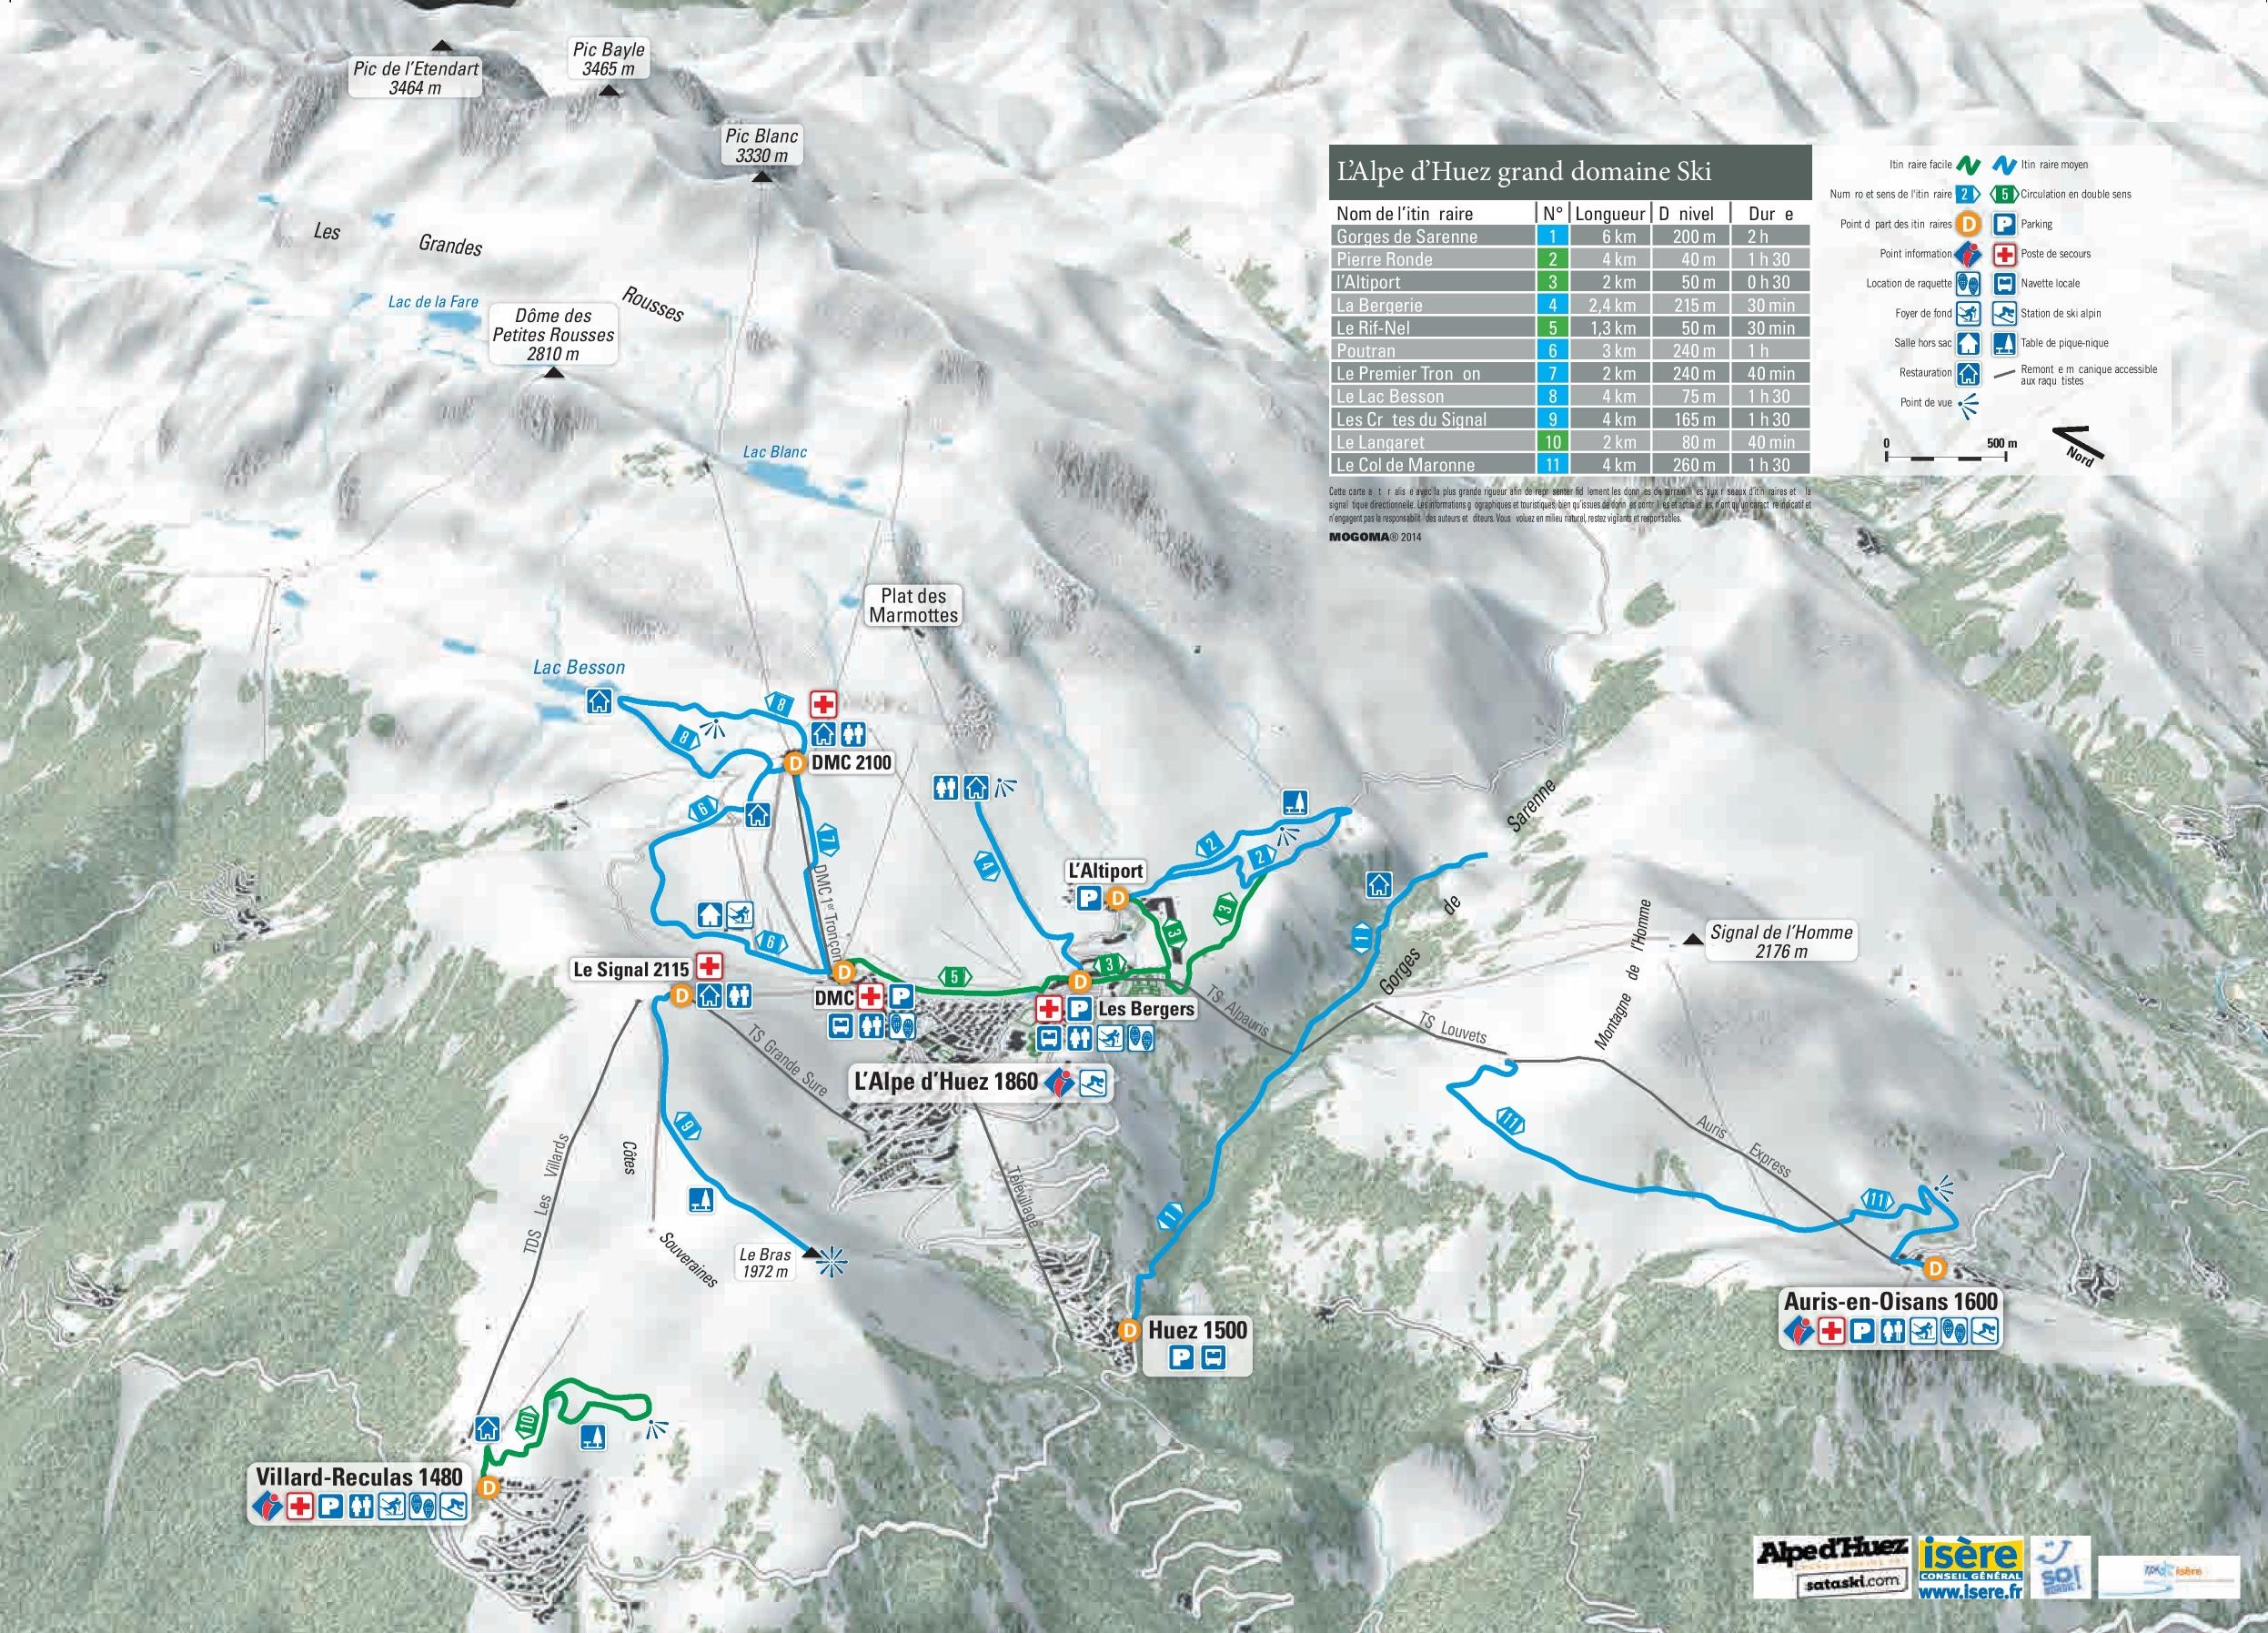 Alpe dHuez piste map